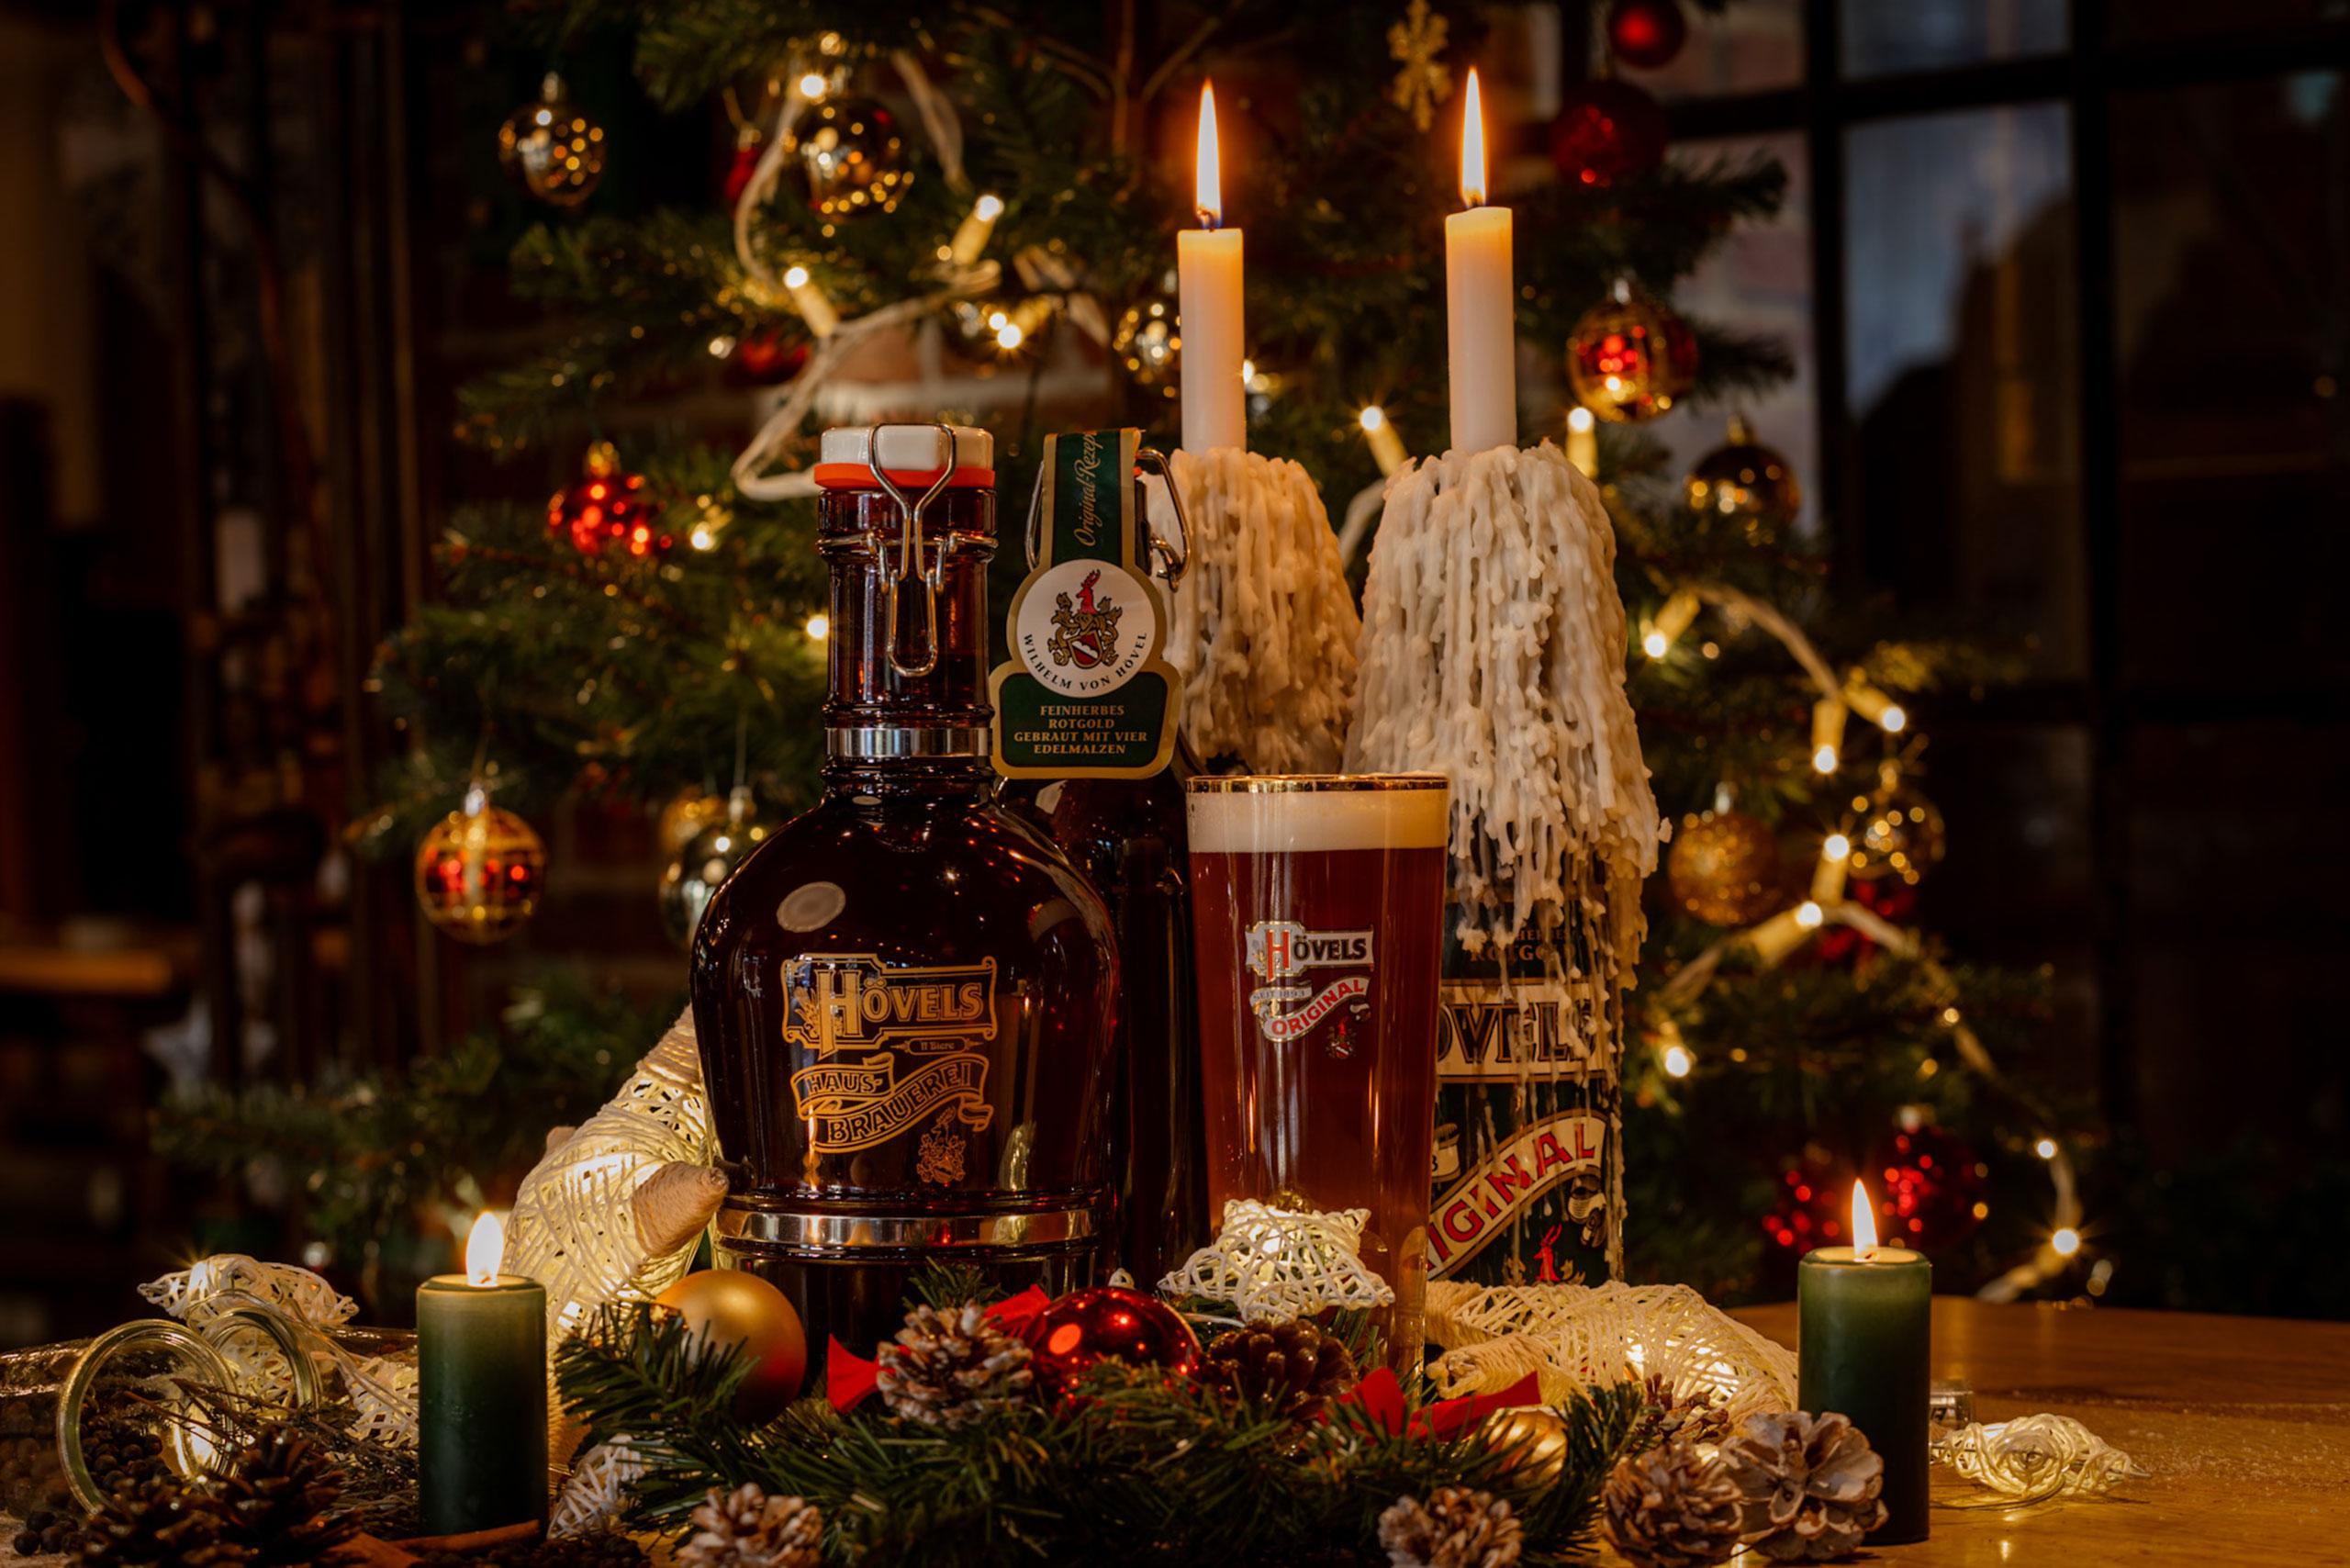 Hövels Weihnachtsstadtbier in der Hövels Hausbrauerei (Dortmund, Ruhrgebiet, NRW)